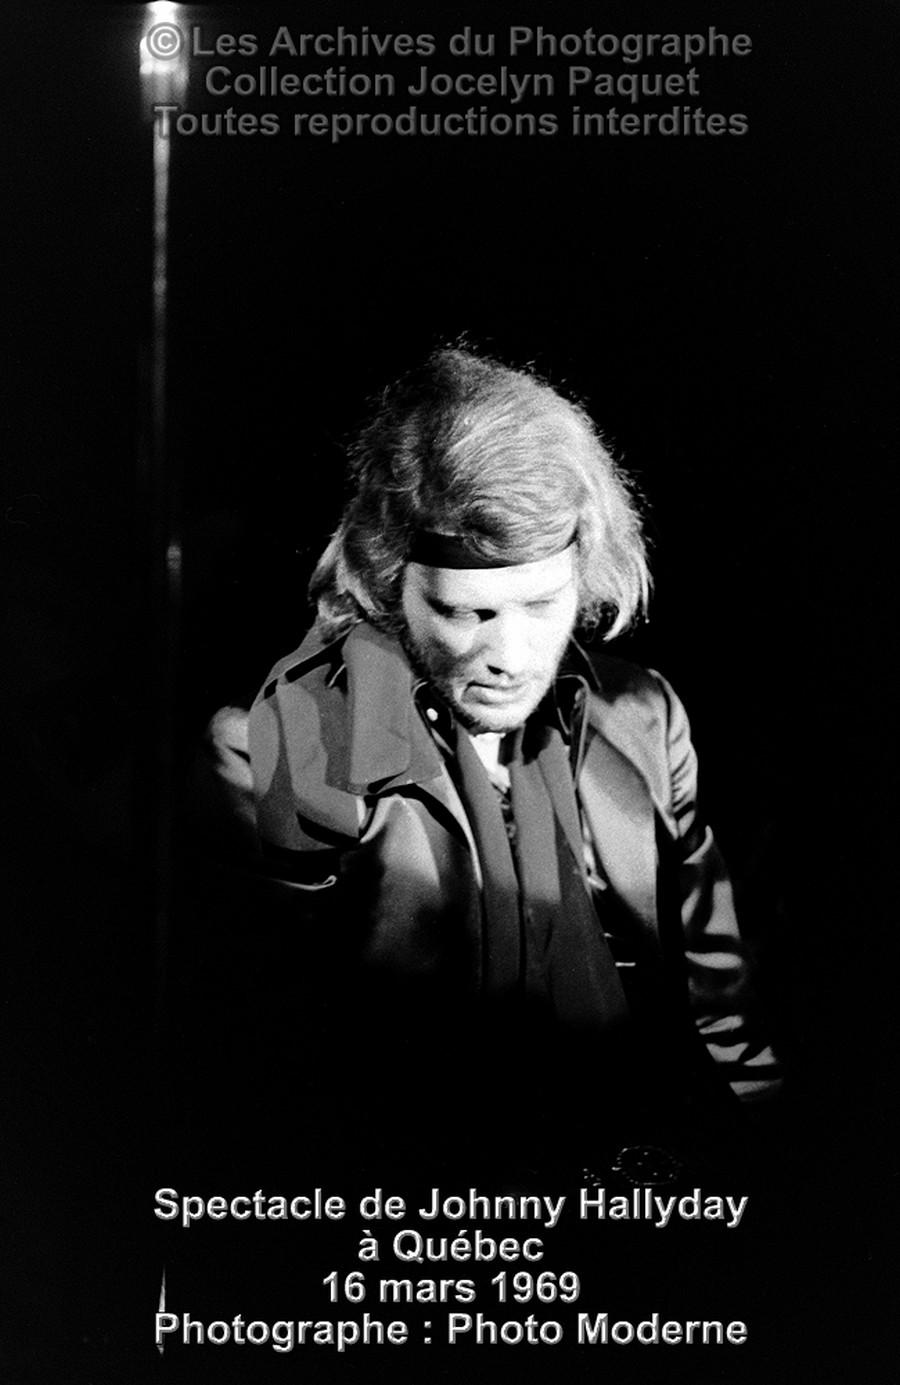 LES CONCERTS DE JOHNNY 'QUEBEC, CANADA 1969' Dsc19727